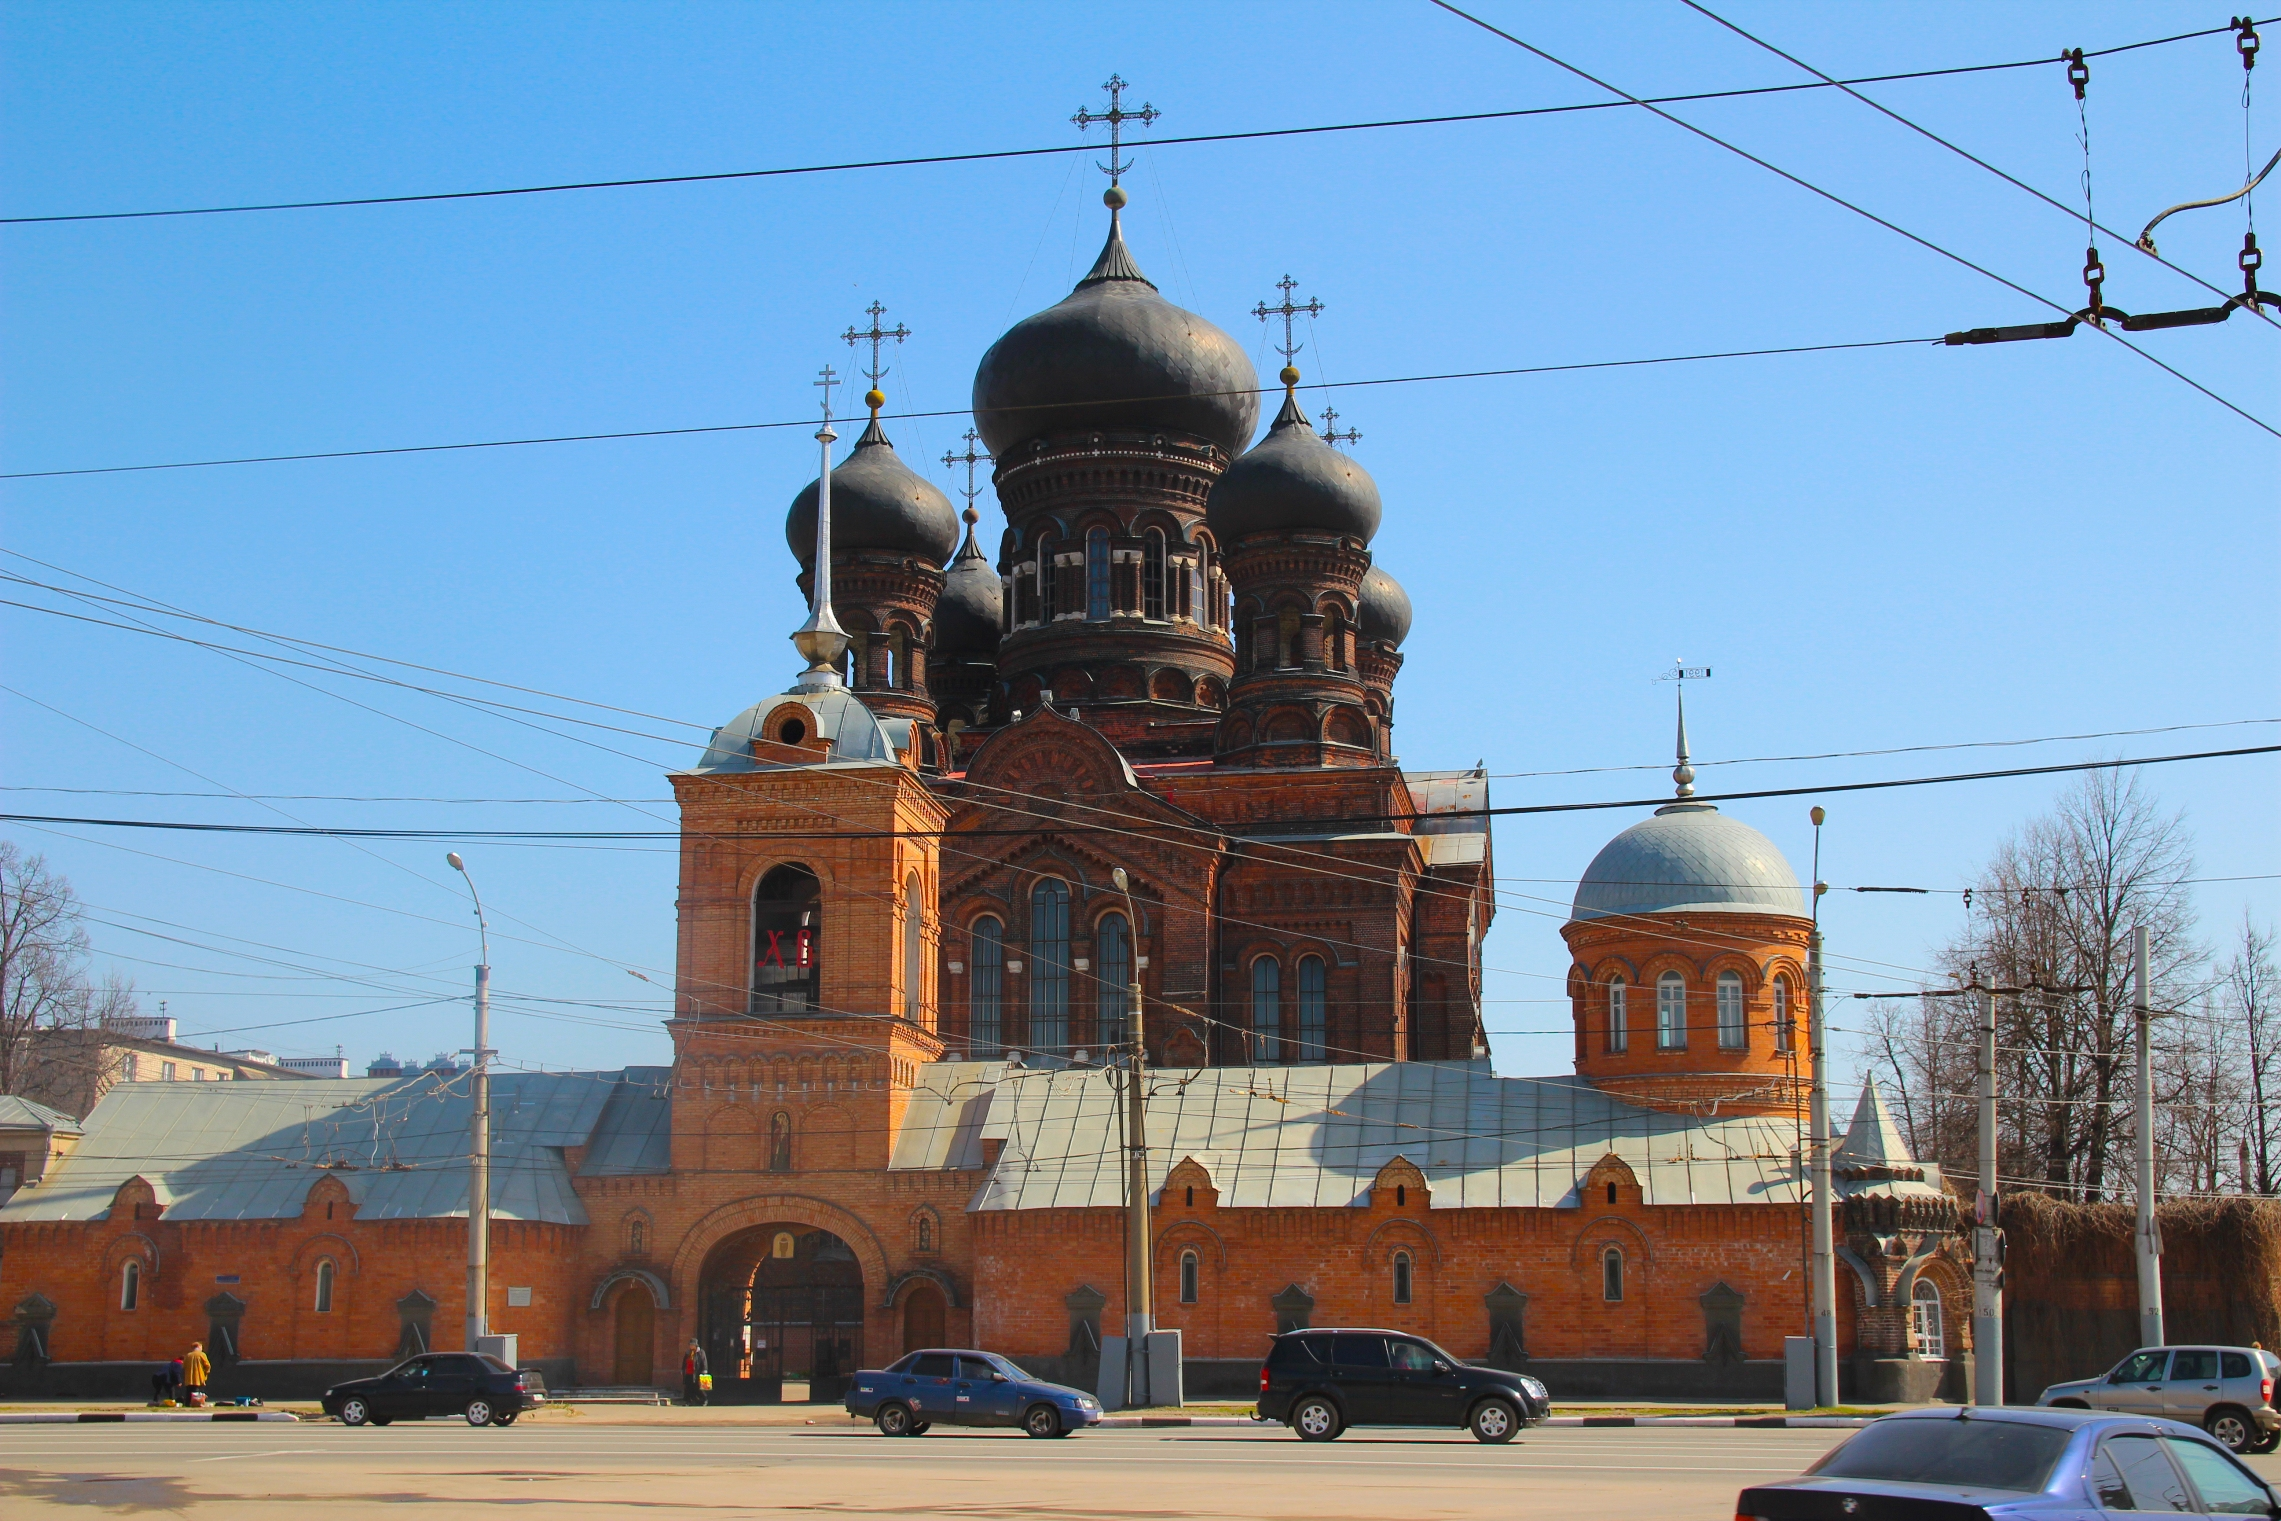 Oroszországban mindig belelóg valami a fényképbe, Ivanovóban meg főleg.